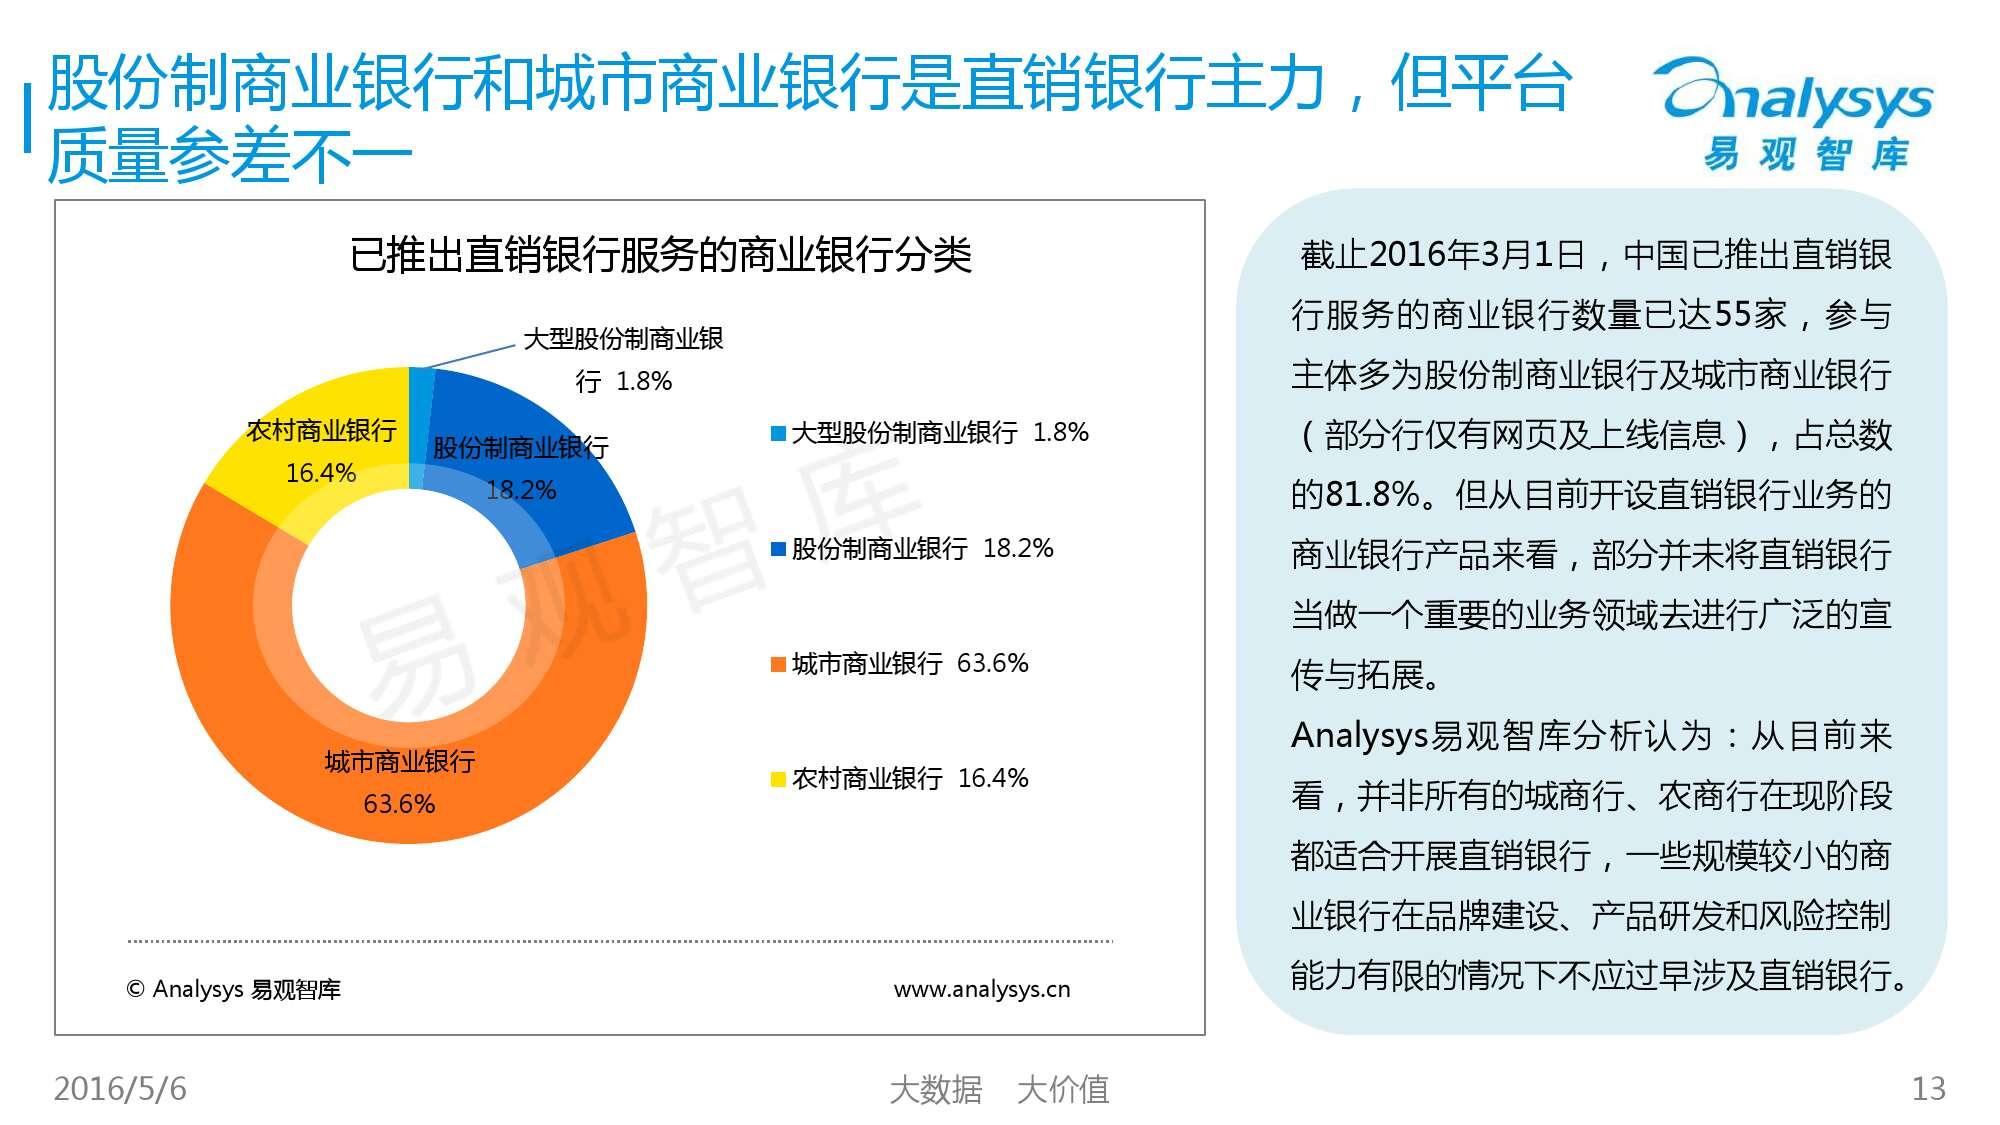 2016年中国直销银行市场专题研究报告_000013